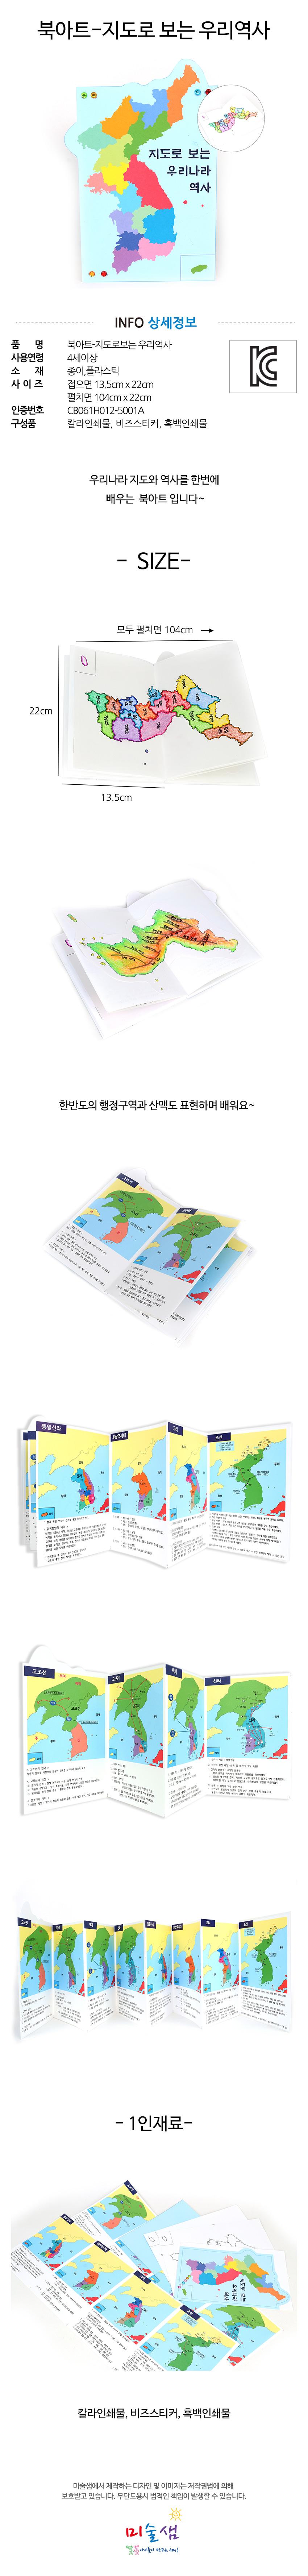 북아트-지도로 보는 우리역사 - 미술샘, 2,500원, 종이공예/북아트, 북아트 패키지